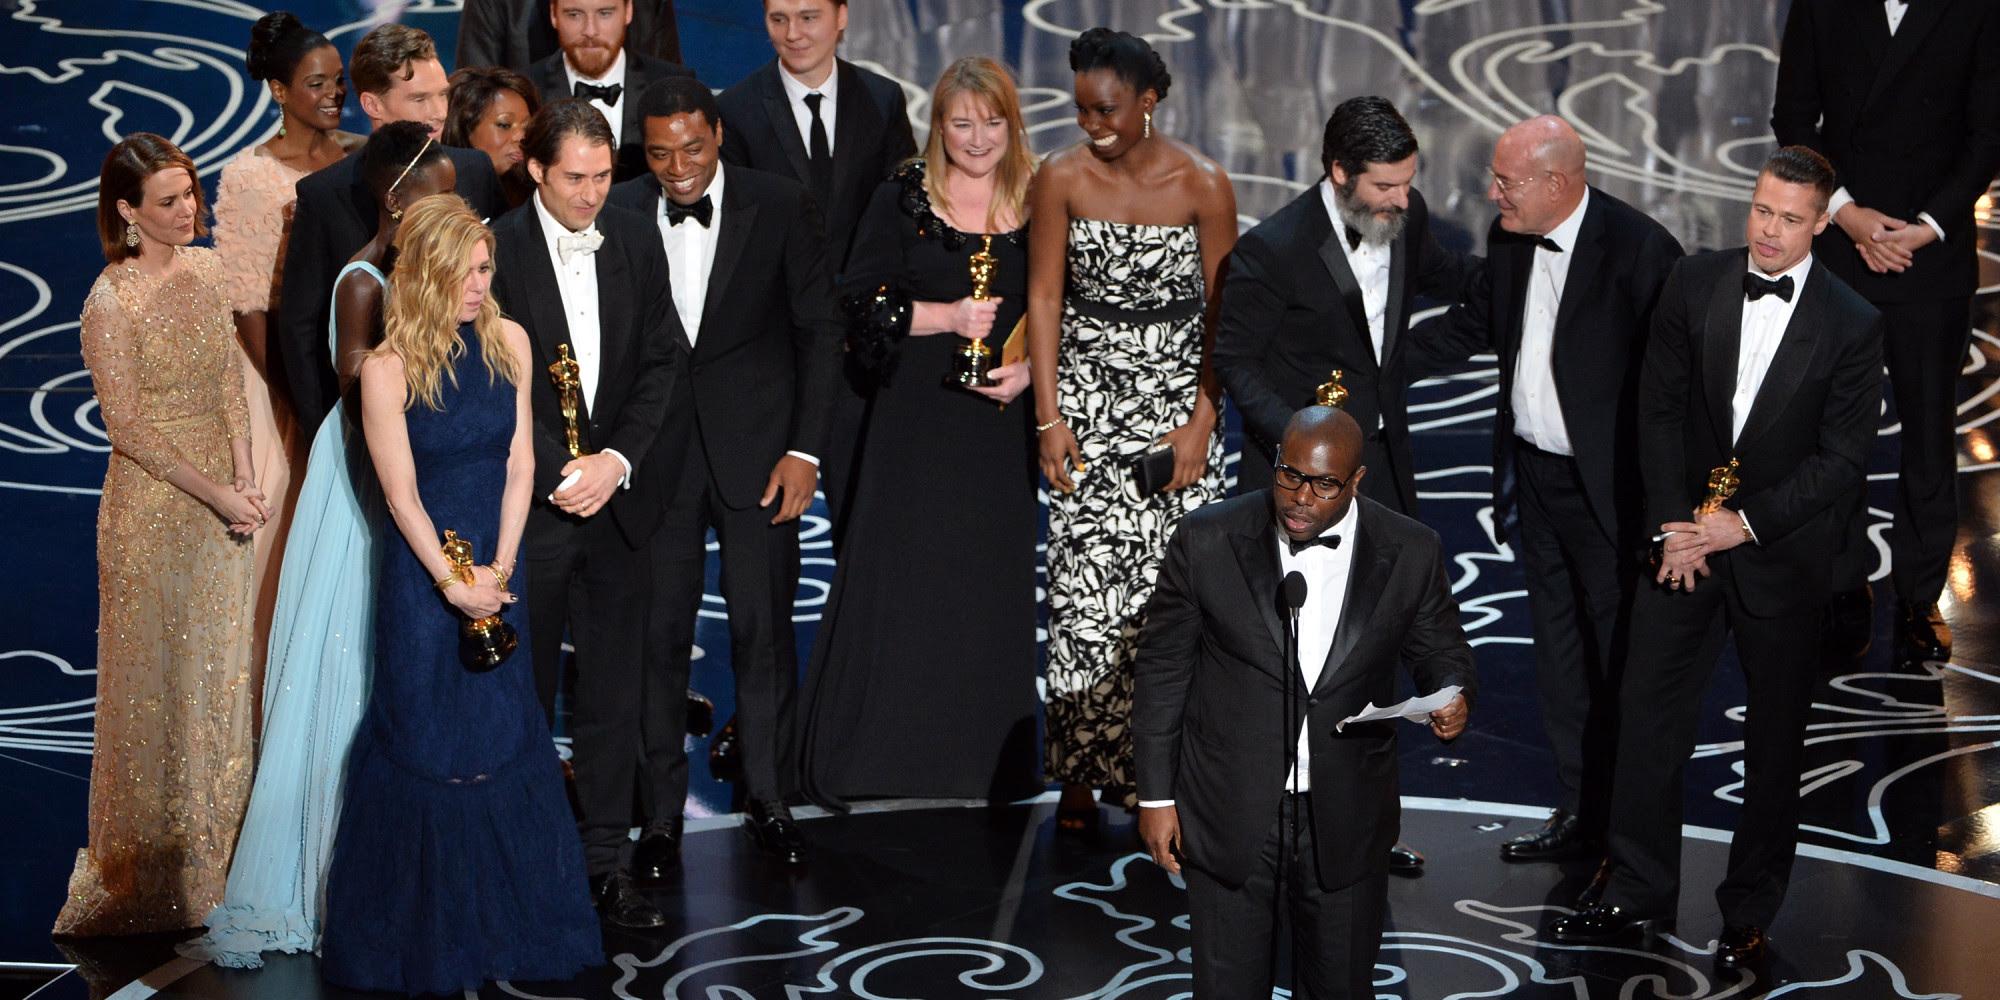 Oscar Winners List 2014: '12 Years A Slave' Takes Best ...